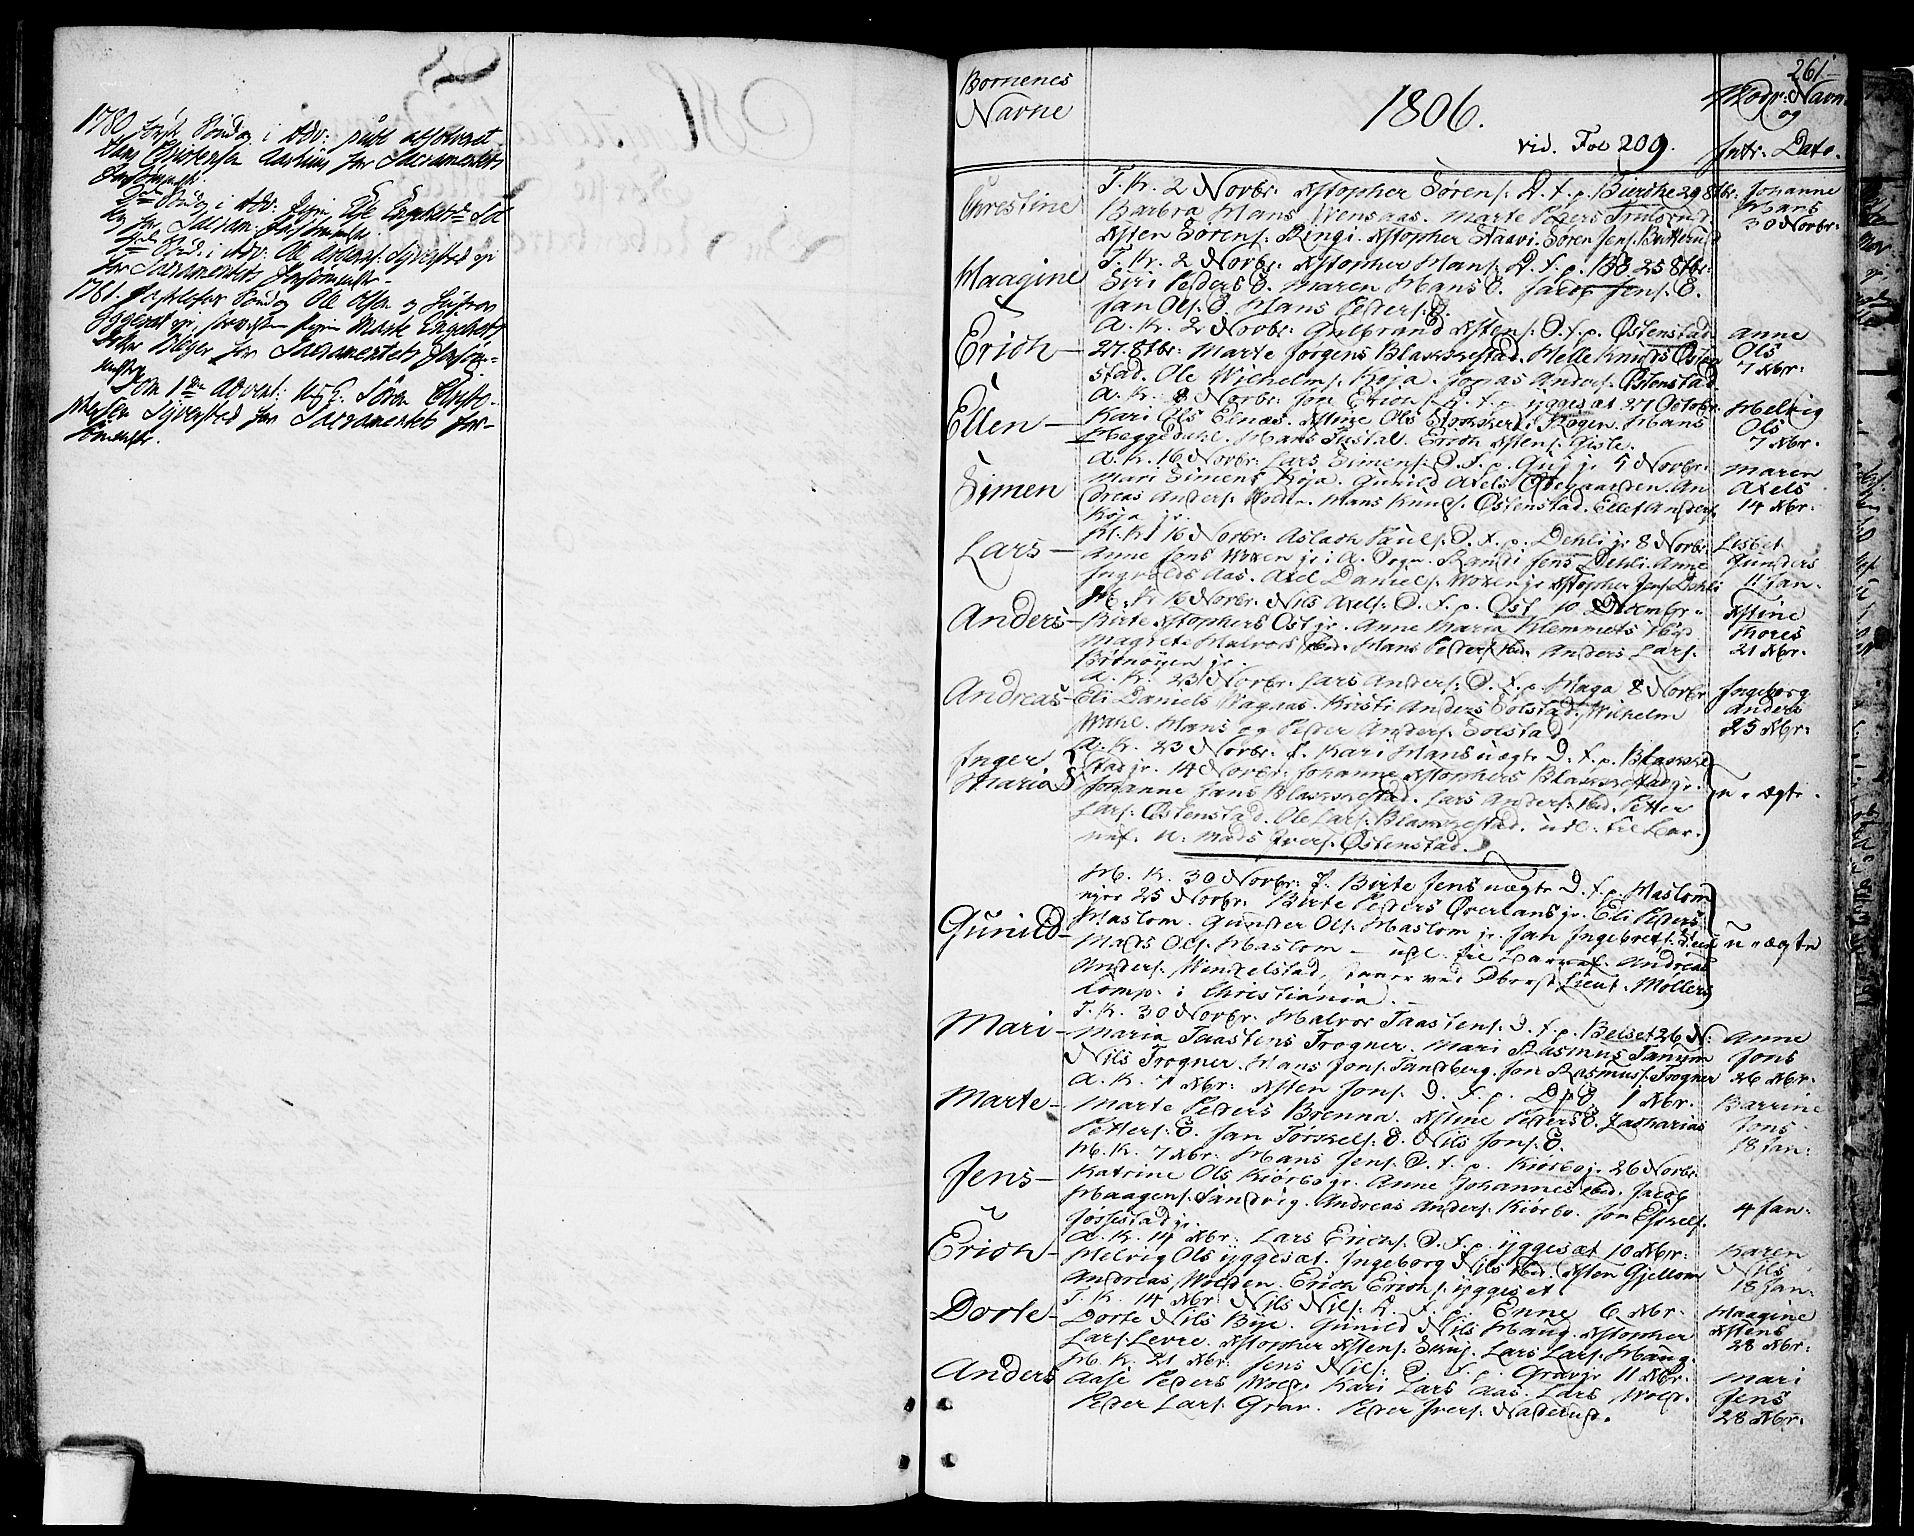 SAO, Asker prestekontor Kirkebøker, F/Fa/L0003: Ministerialbok nr. I 3, 1767-1807, s. 261